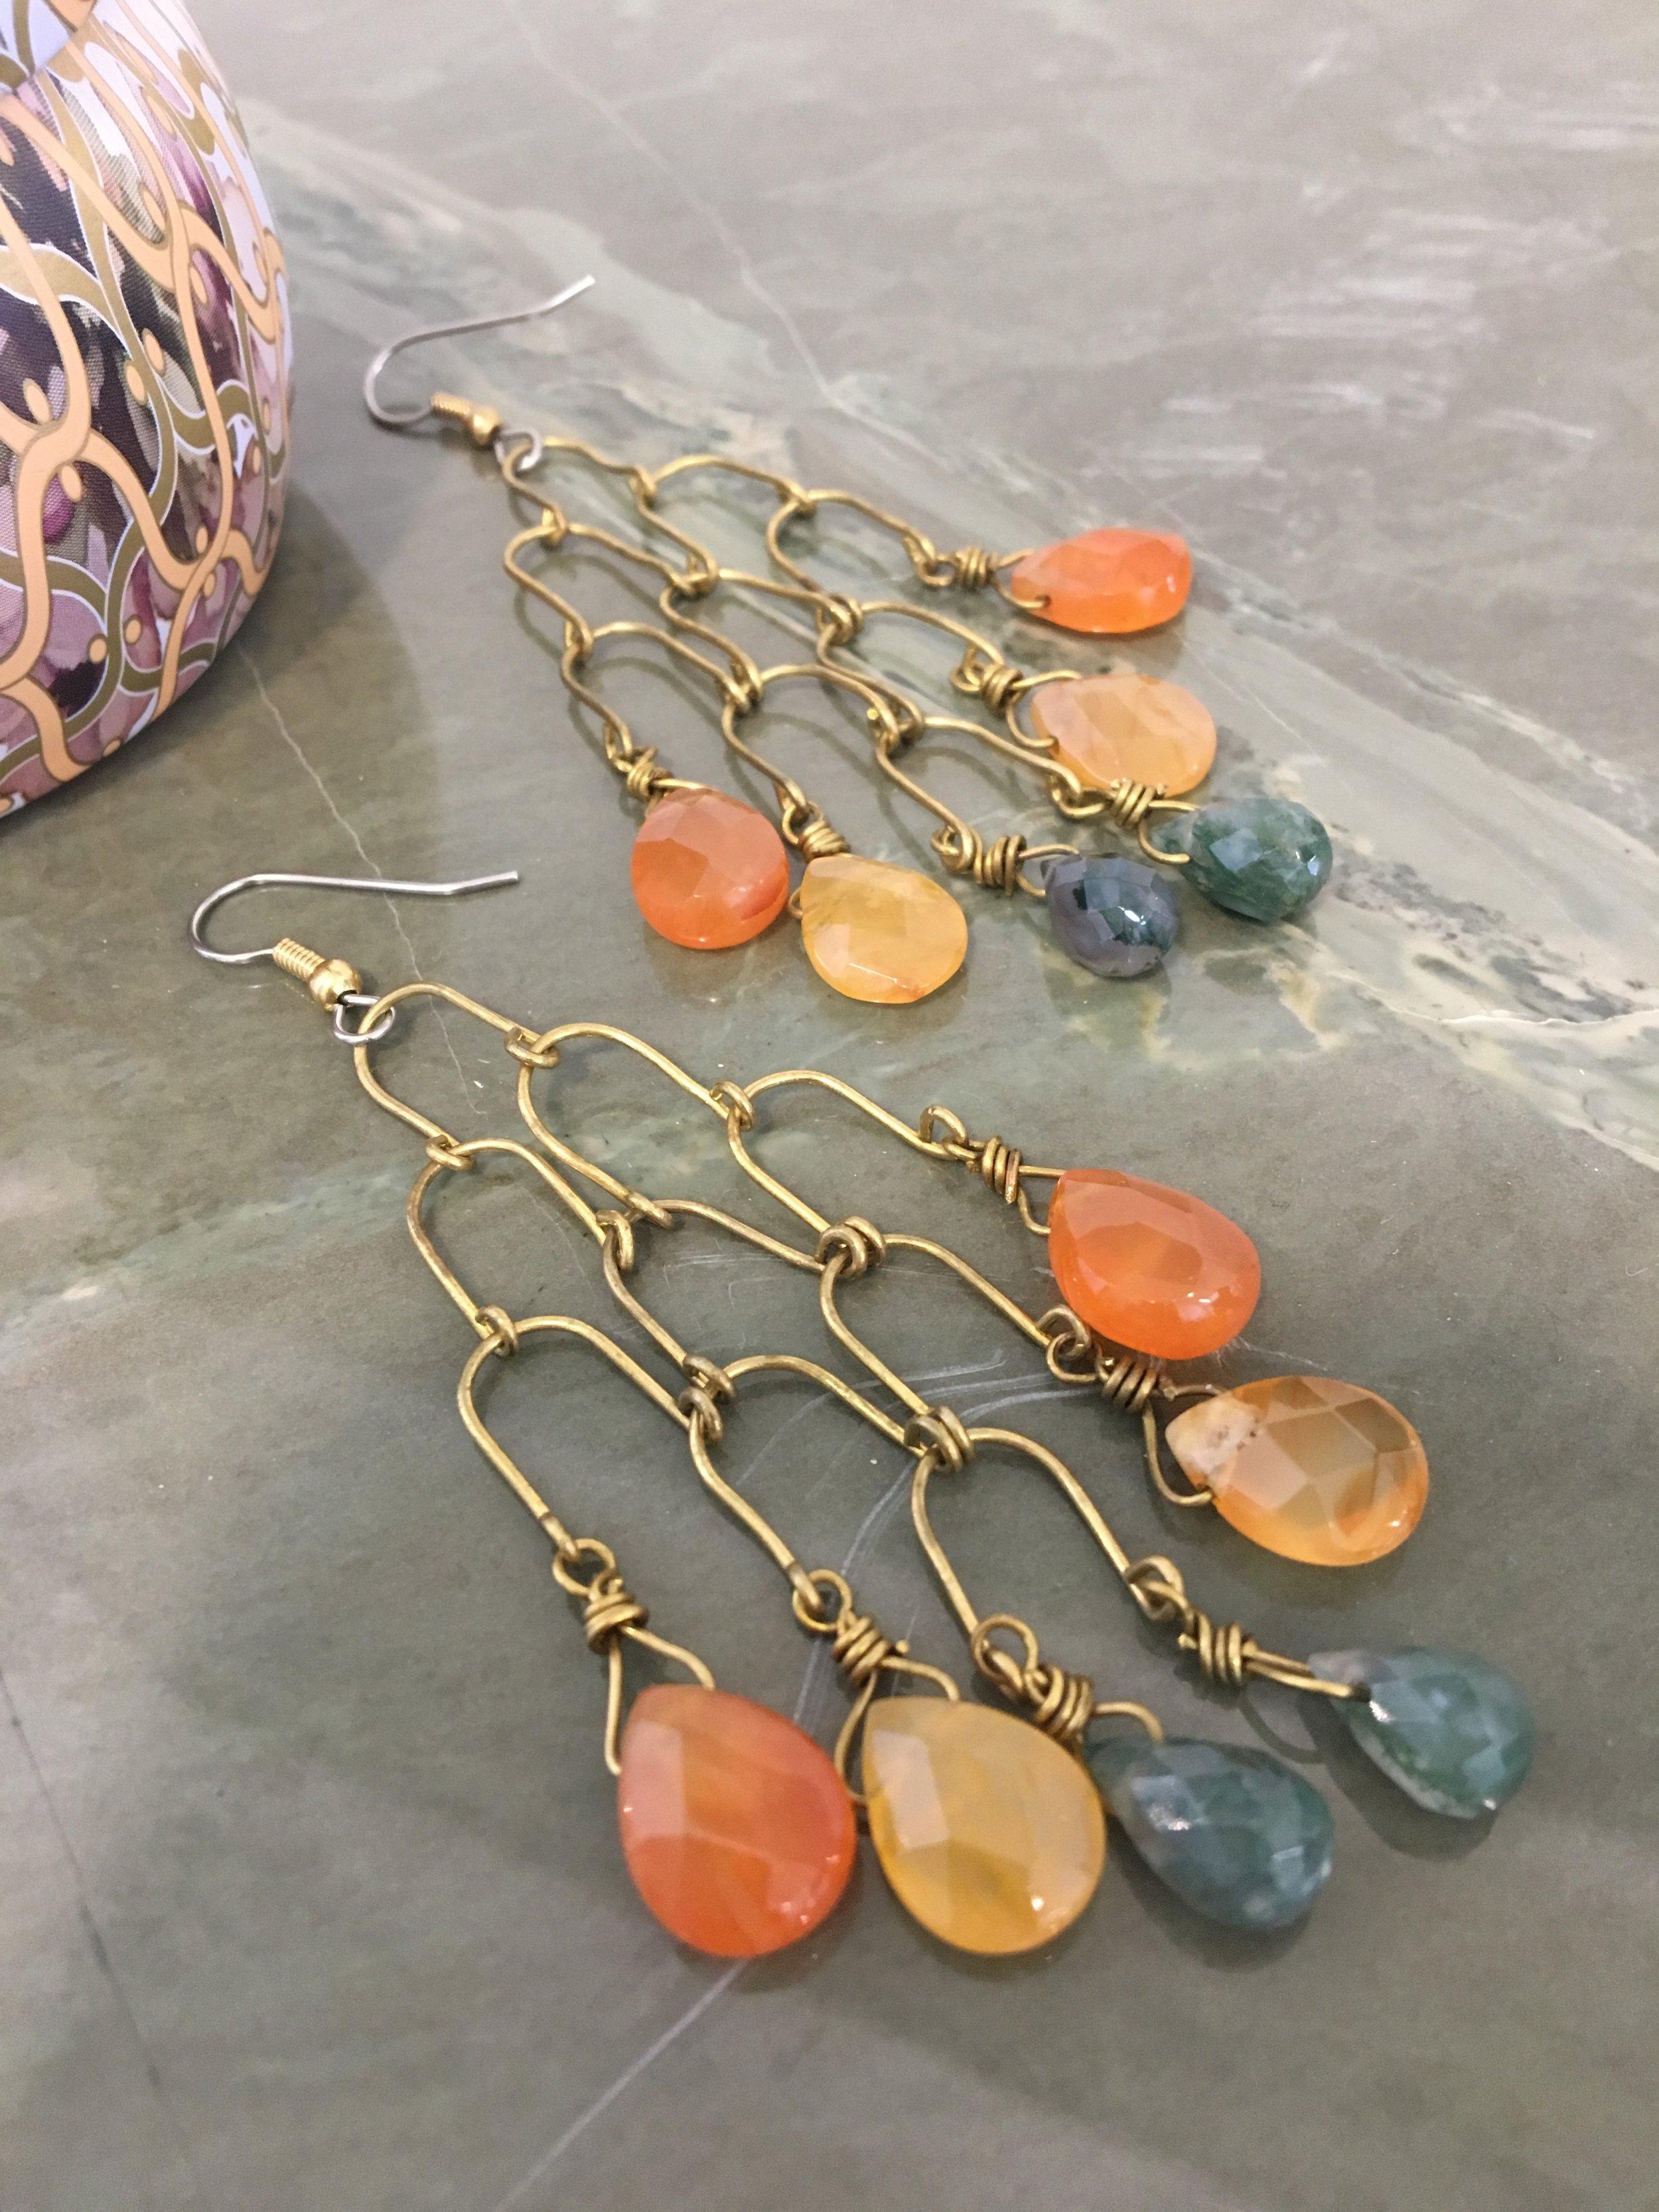 Dangling Broilette Chandelier Earrings